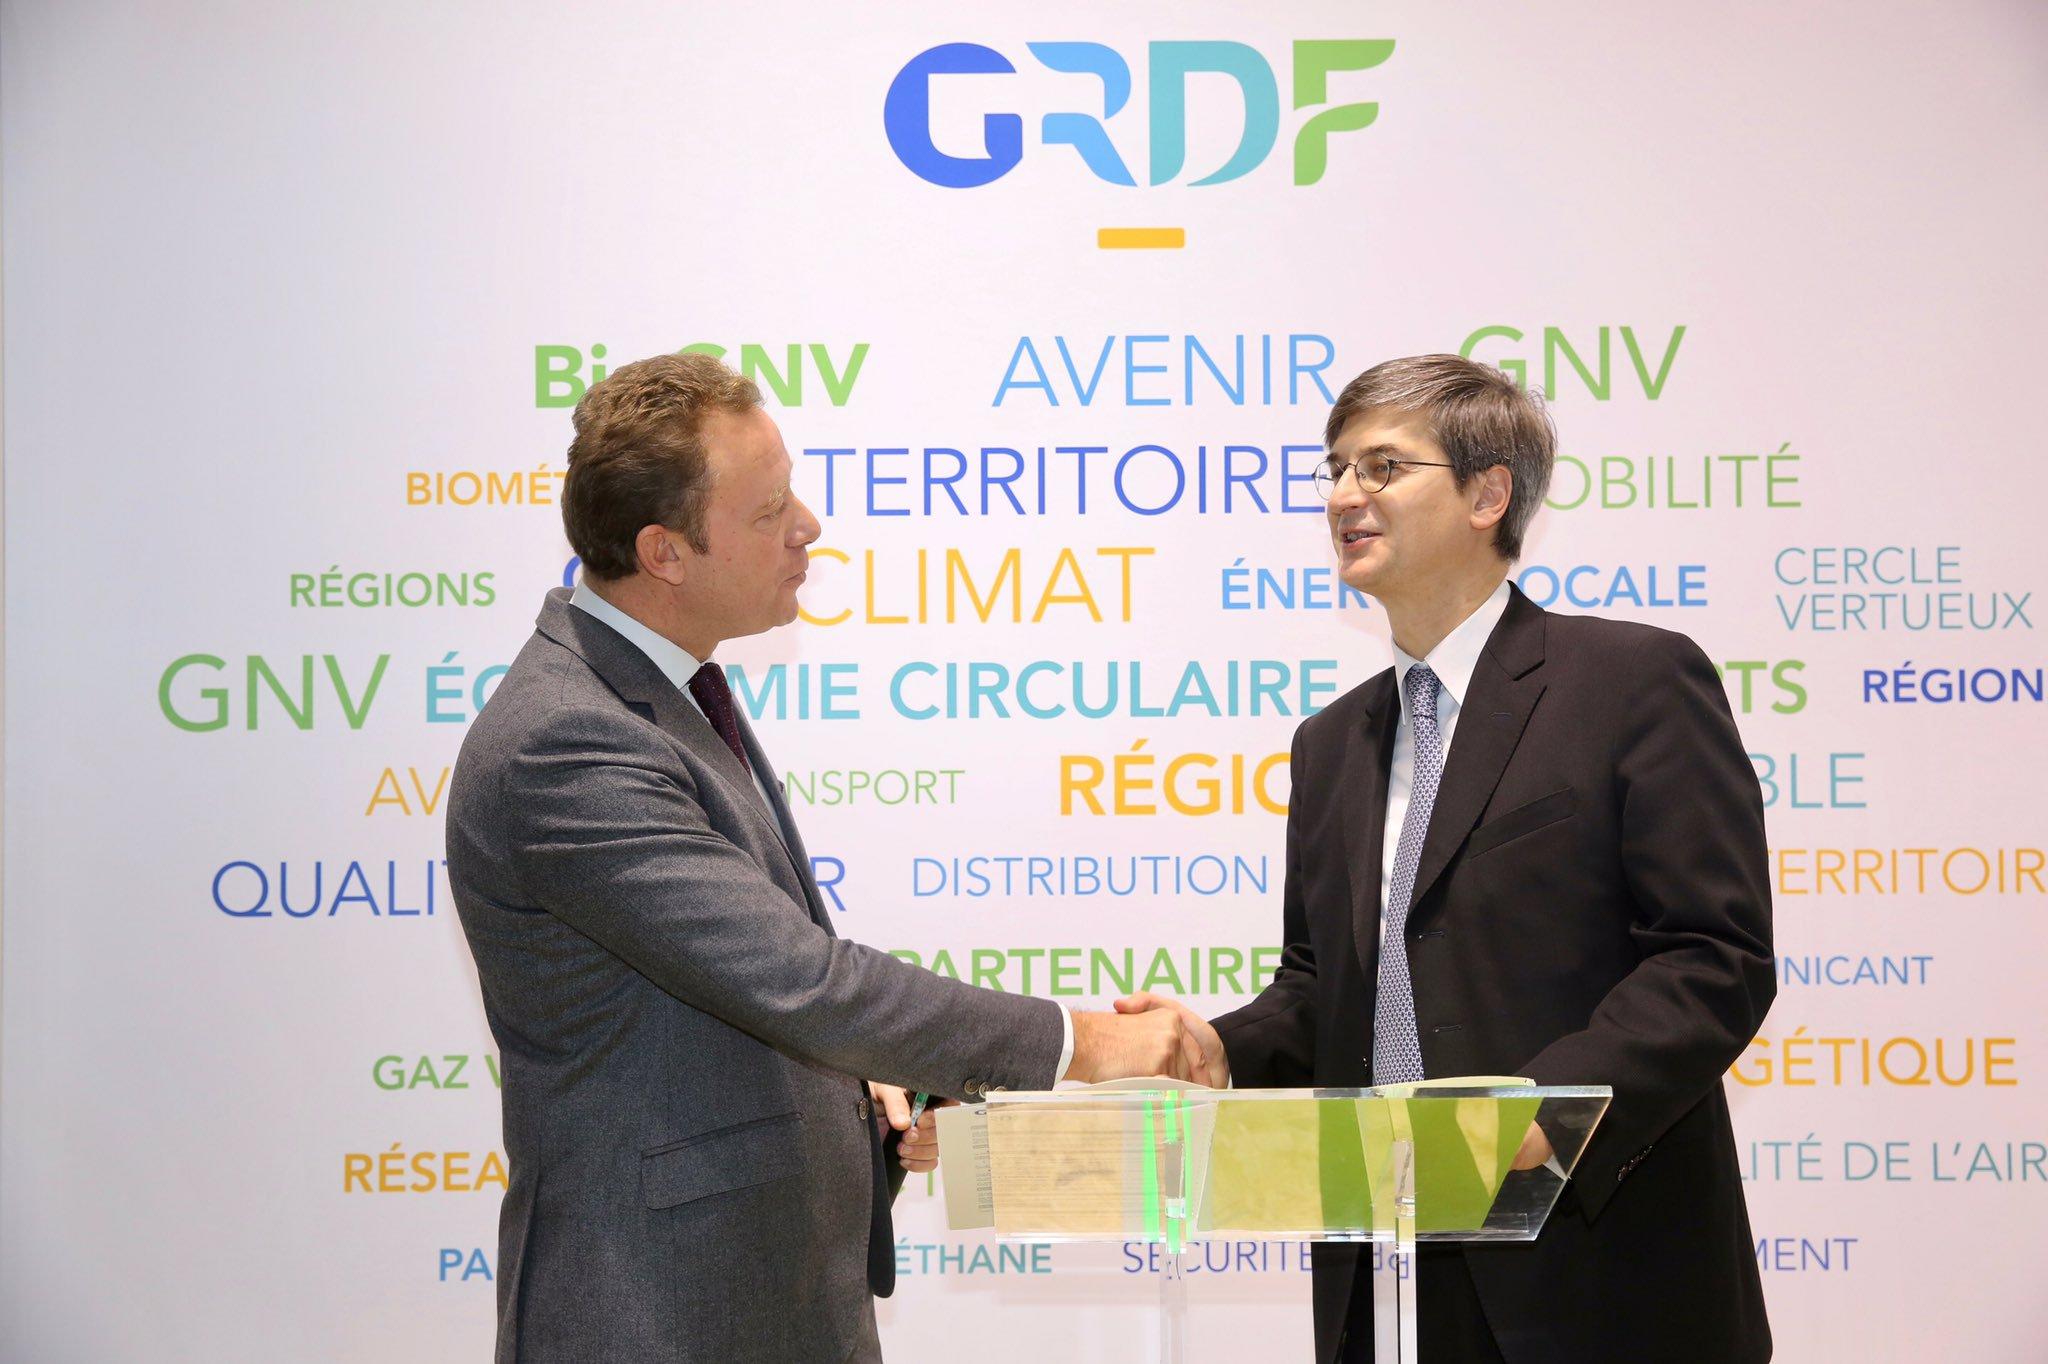 Le CNPA et GRDF s'unissent pour développer les stations GNV